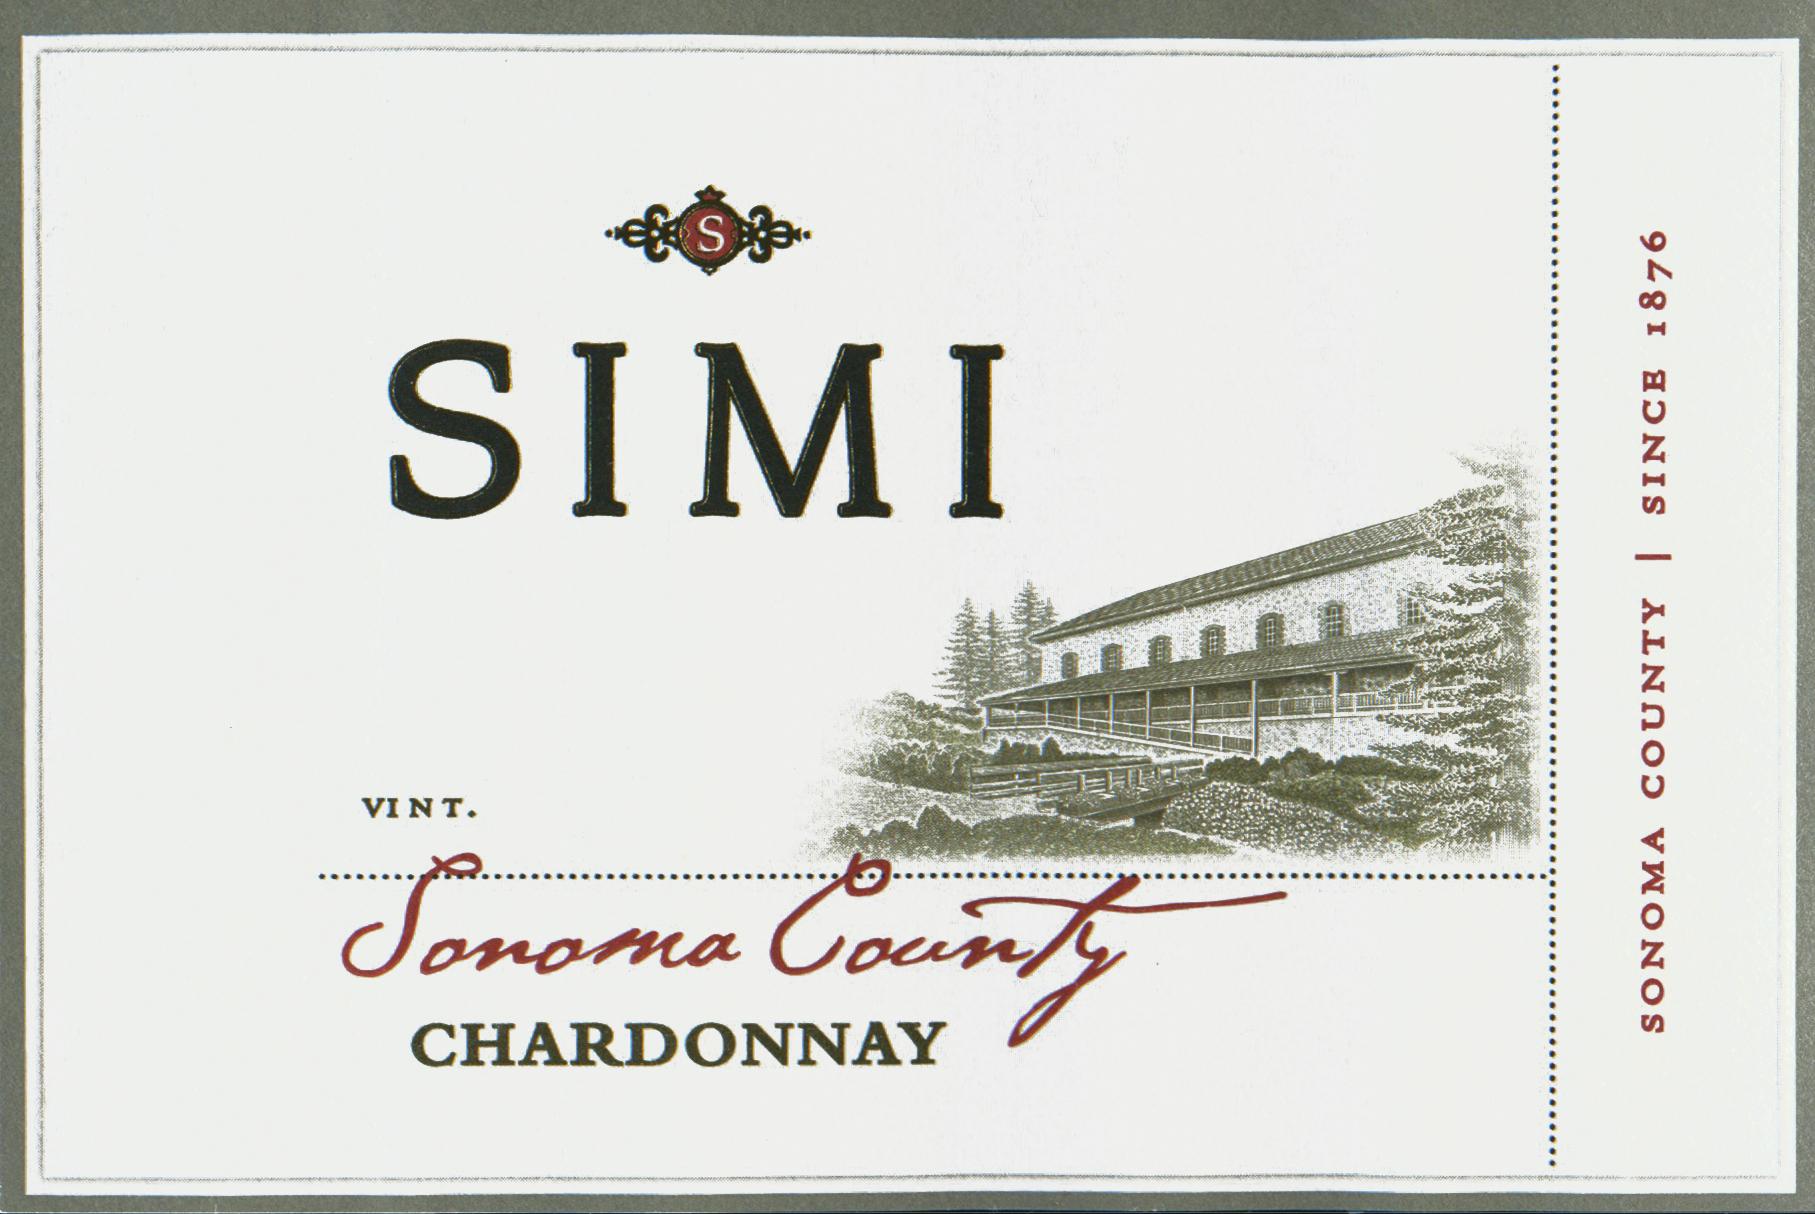 Simi Chardonnay 2014 | France 44 | Minneapolis, MN